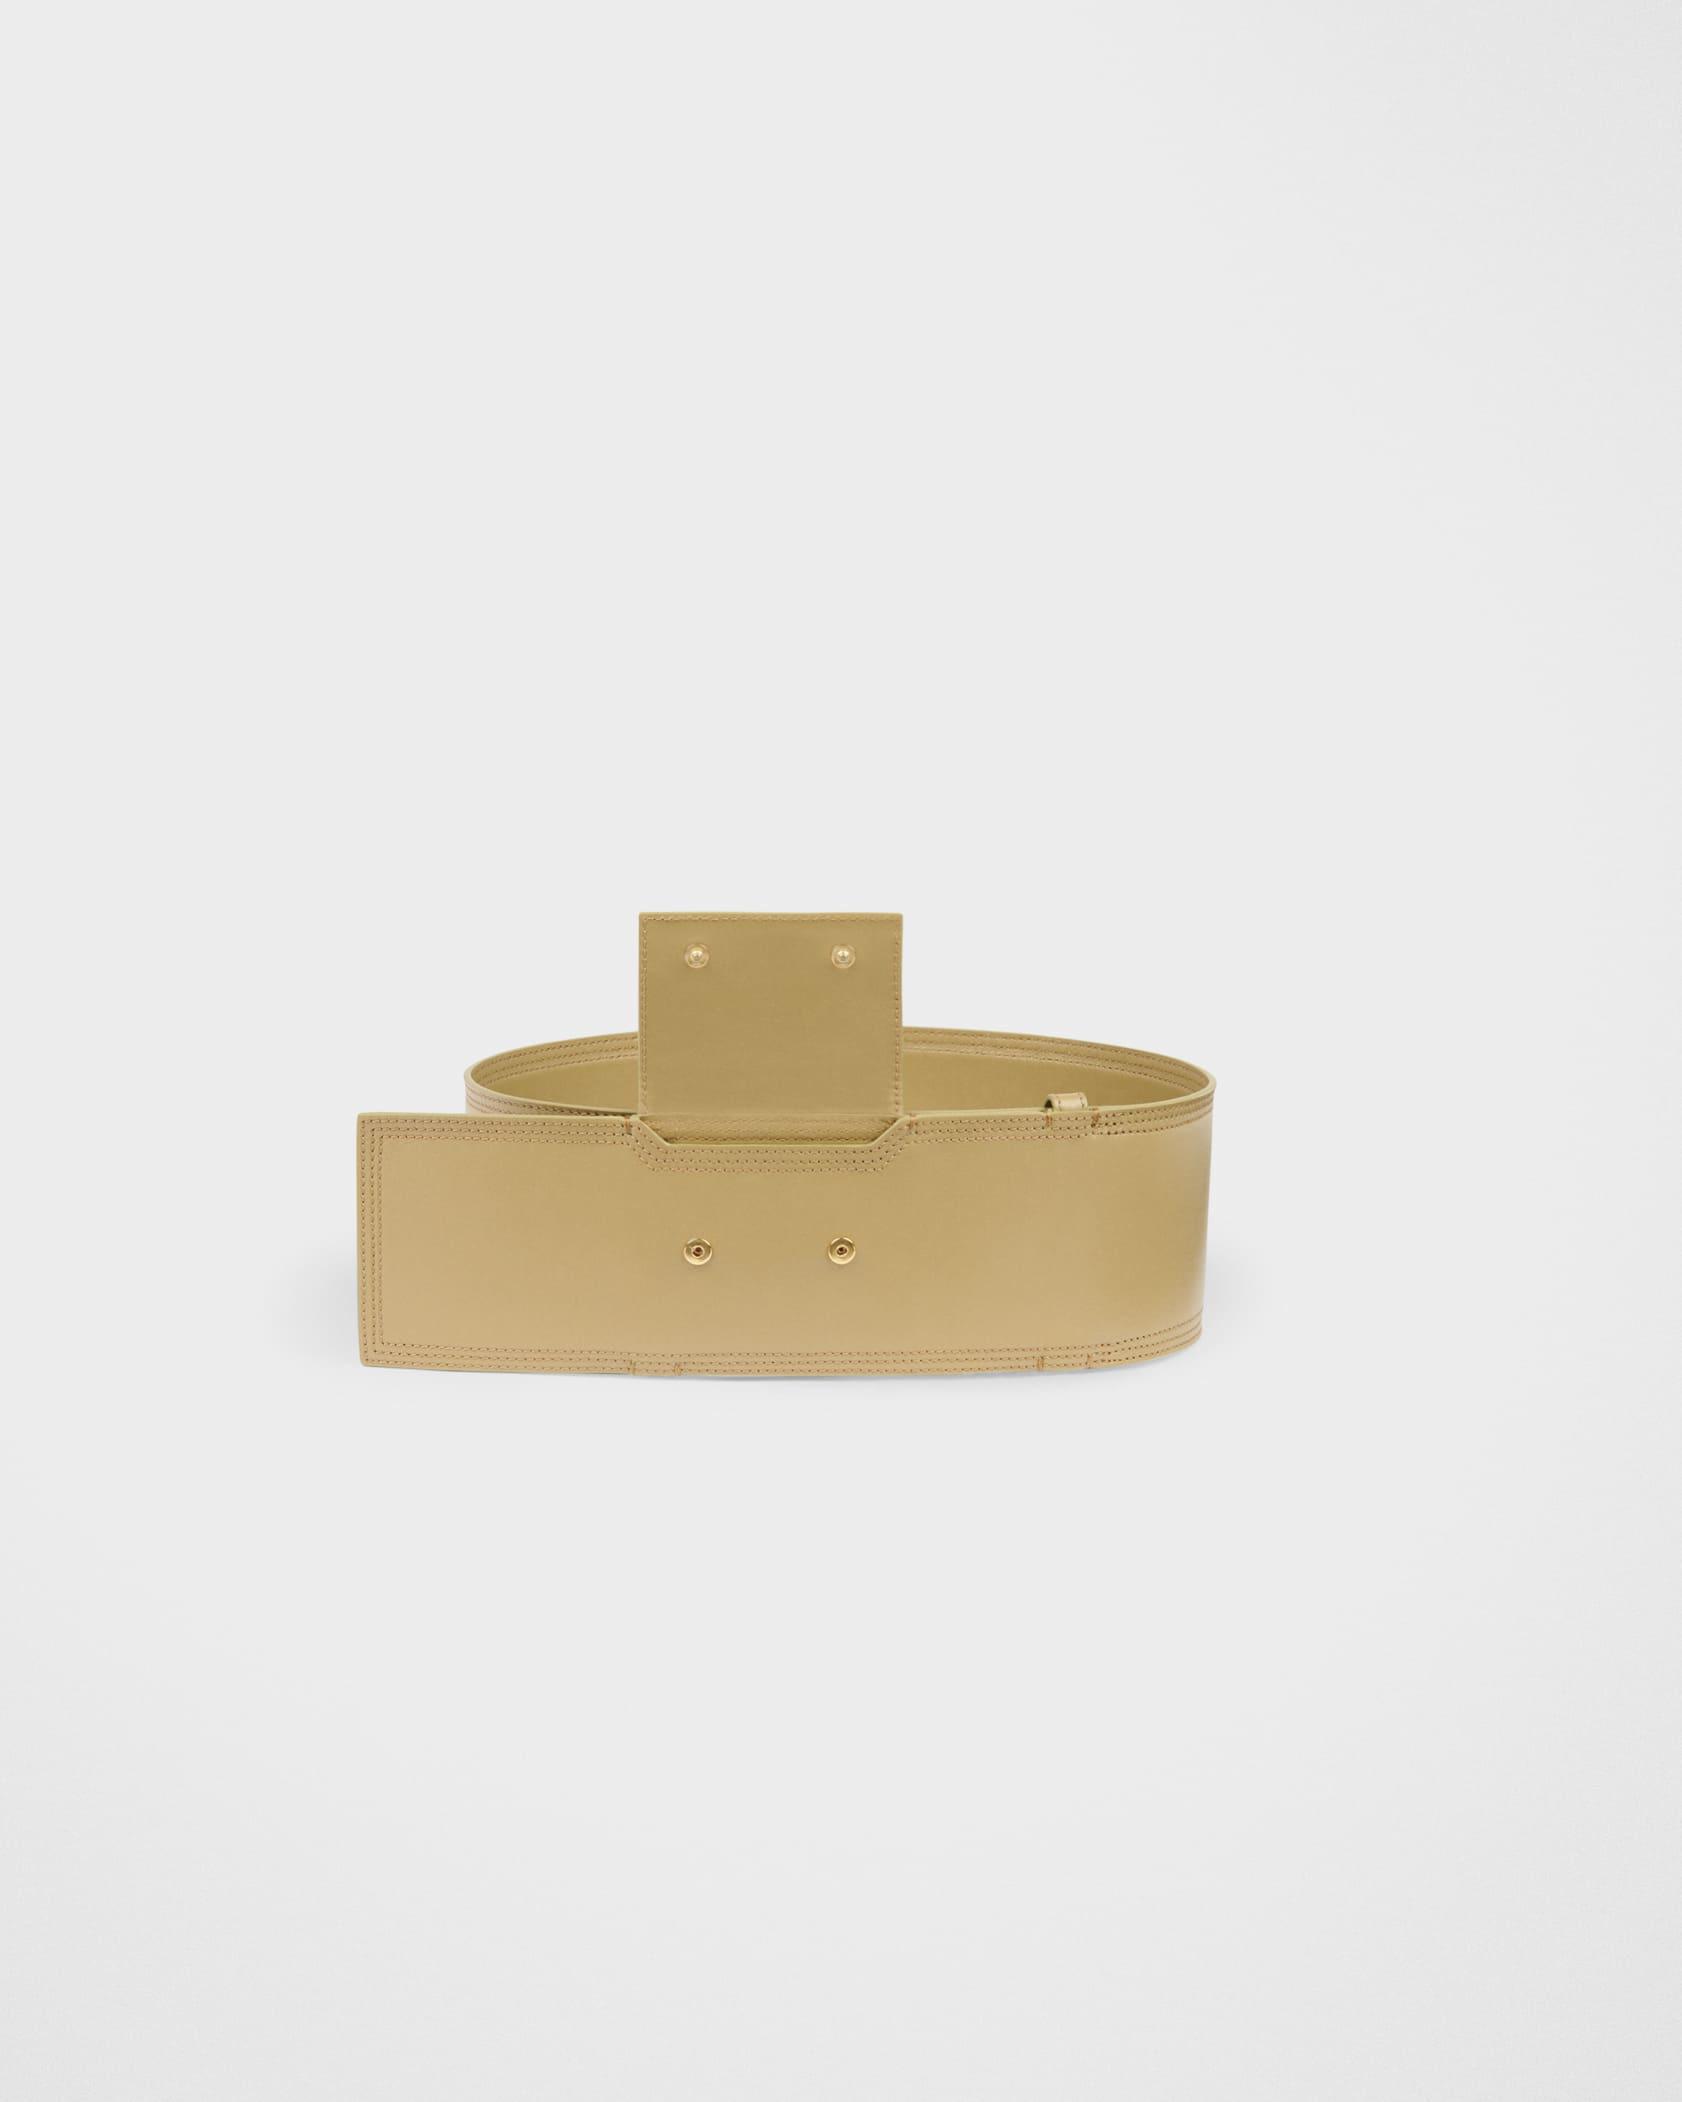 La ceinture Pichoto